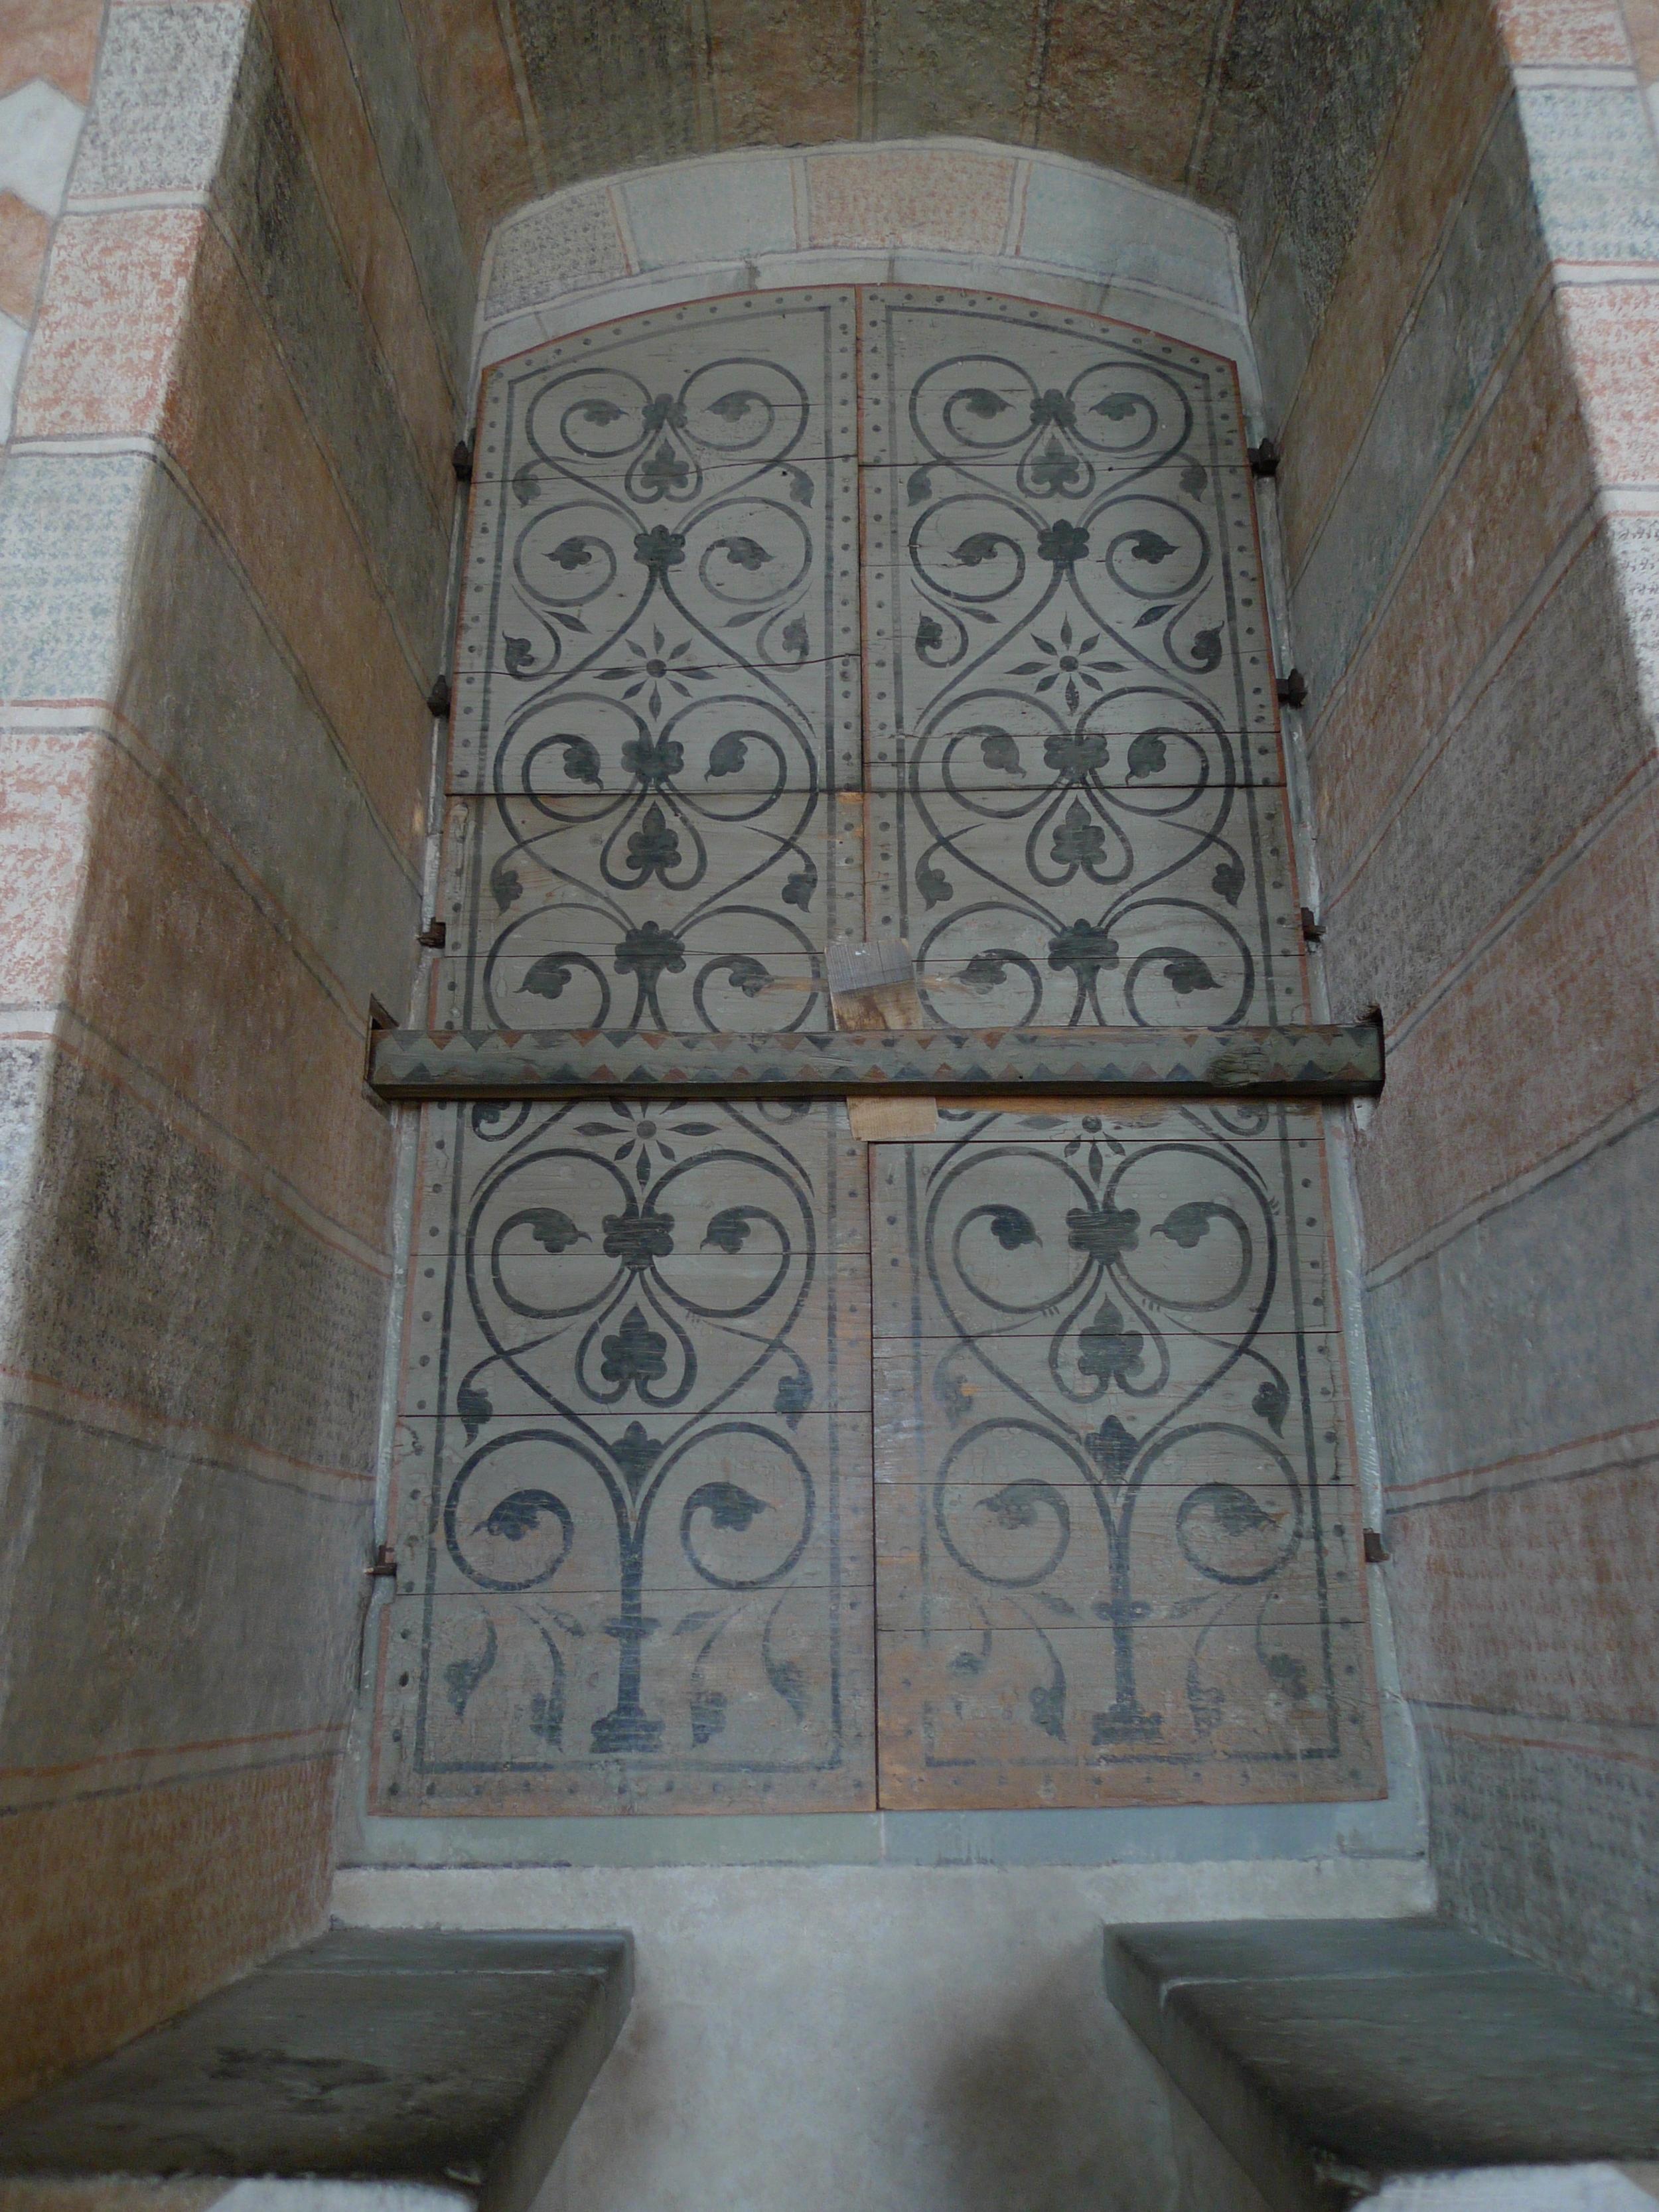 Ornate window shutters